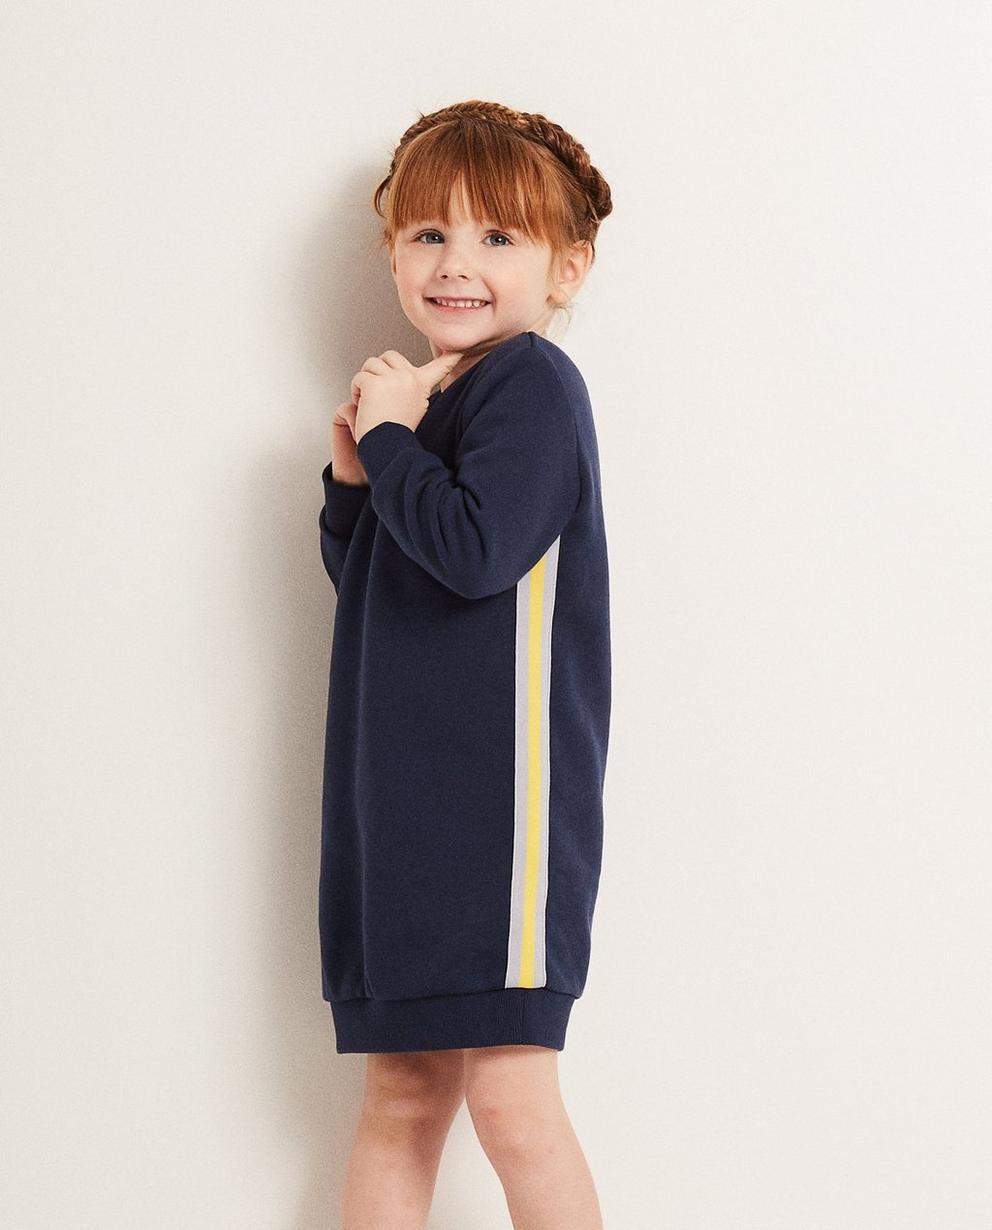 Kleider - Navy - Sweatkleid mit Besatz